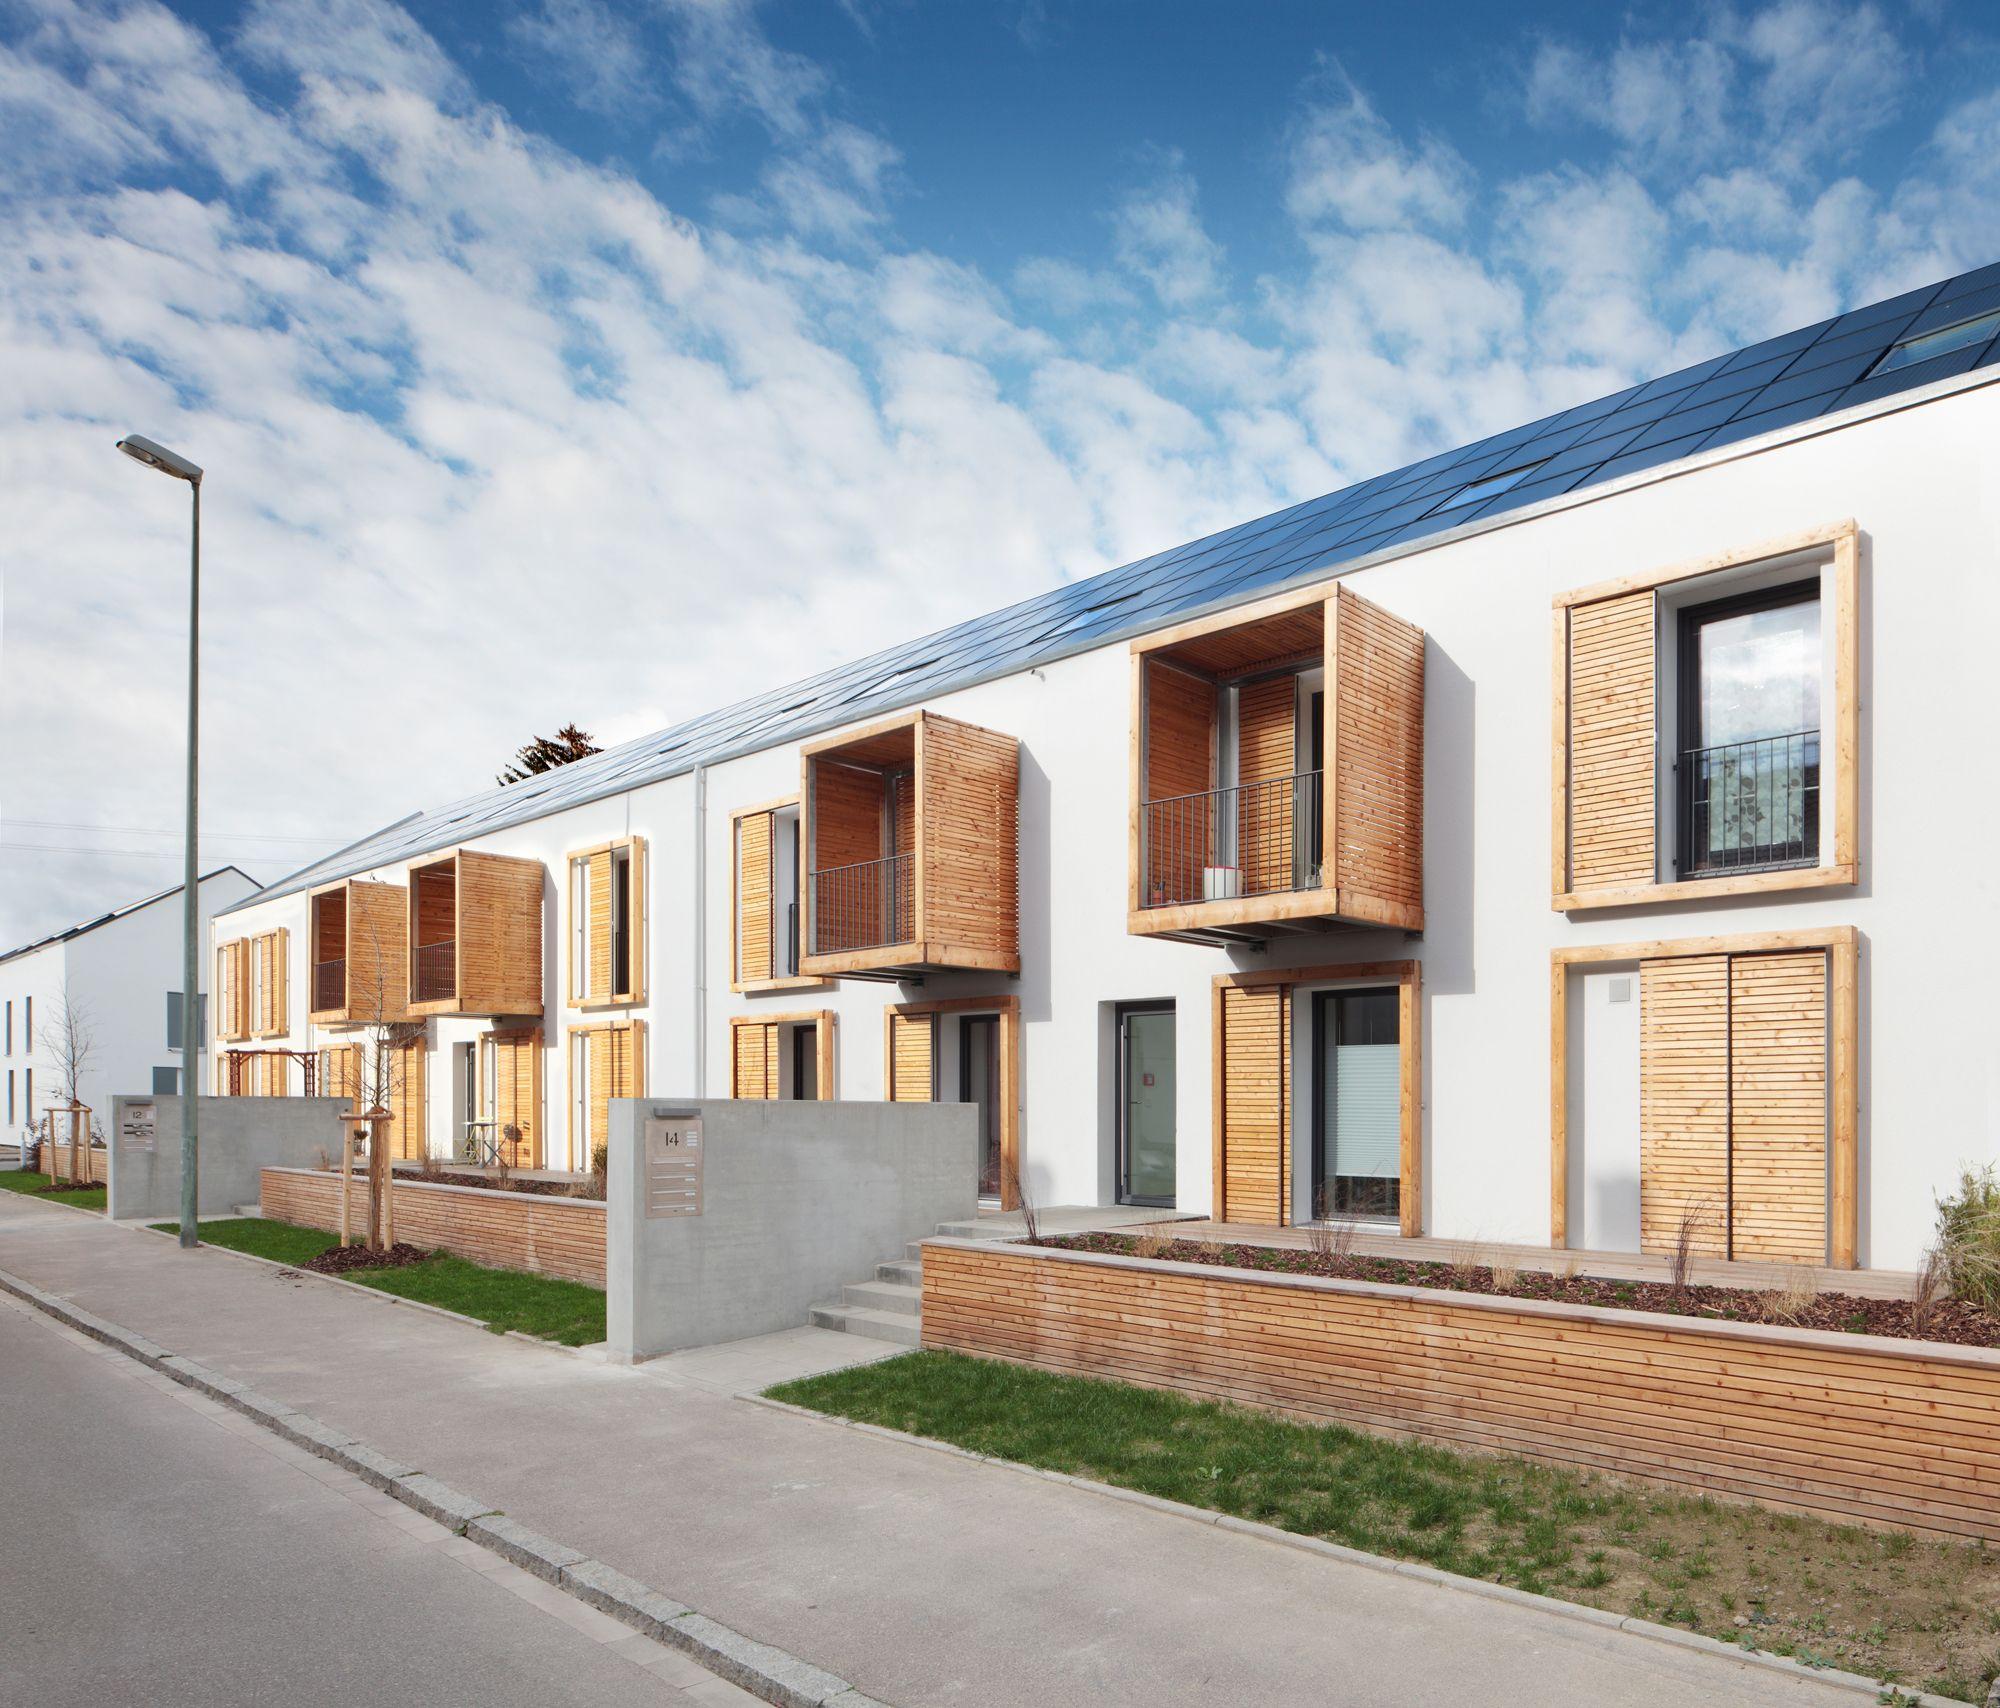 Doppeltes Experiment: Zwei Wohnhaussanierungen In Neu-Ulm